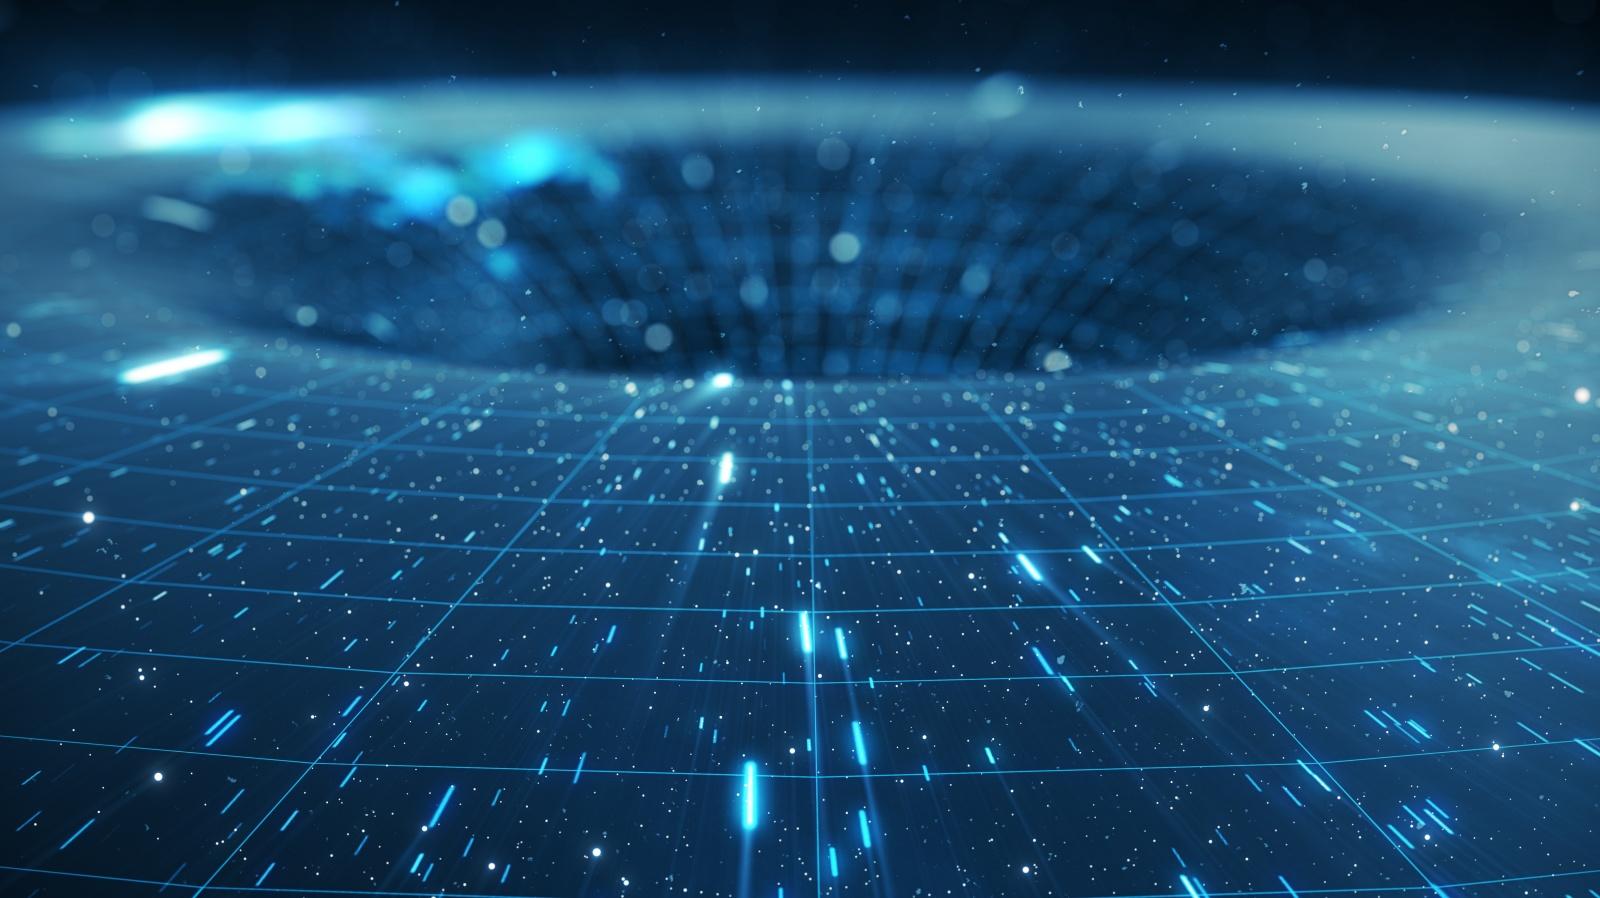 Секретная программа США по изучению НЛО занималась также исследованиями червоточин и дополнительных измерений - 1